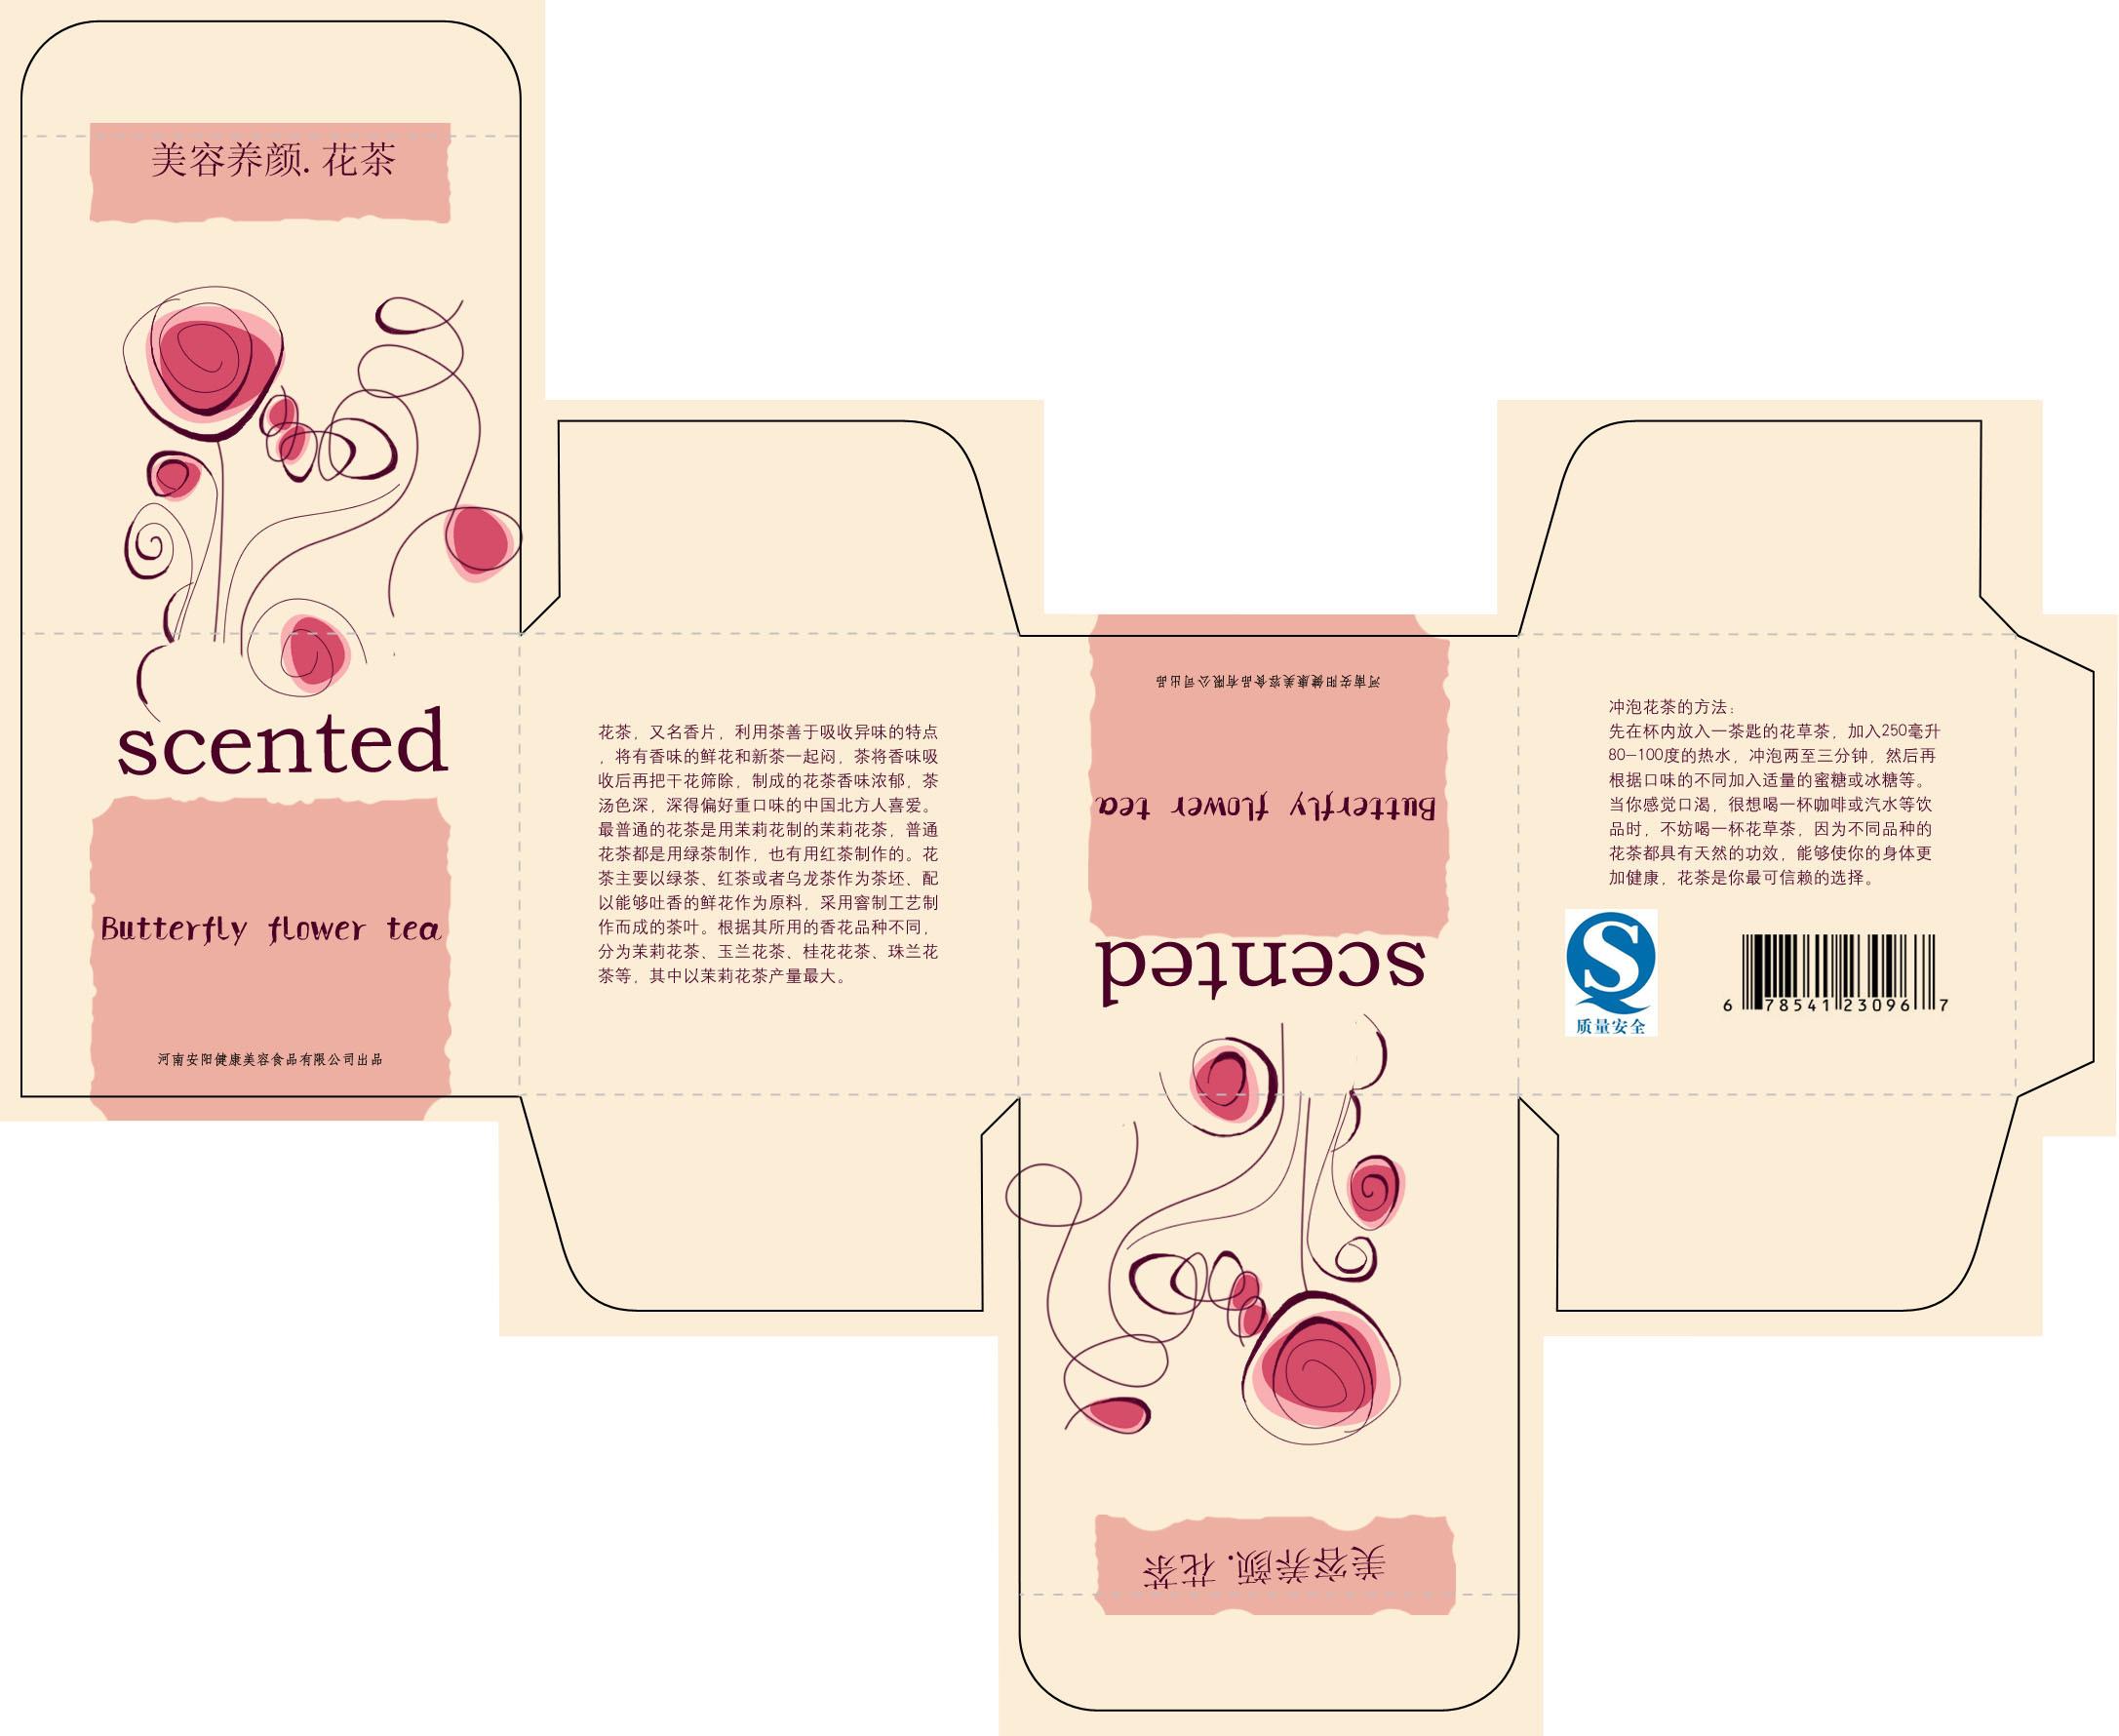 设计制作花茶包装盒图片